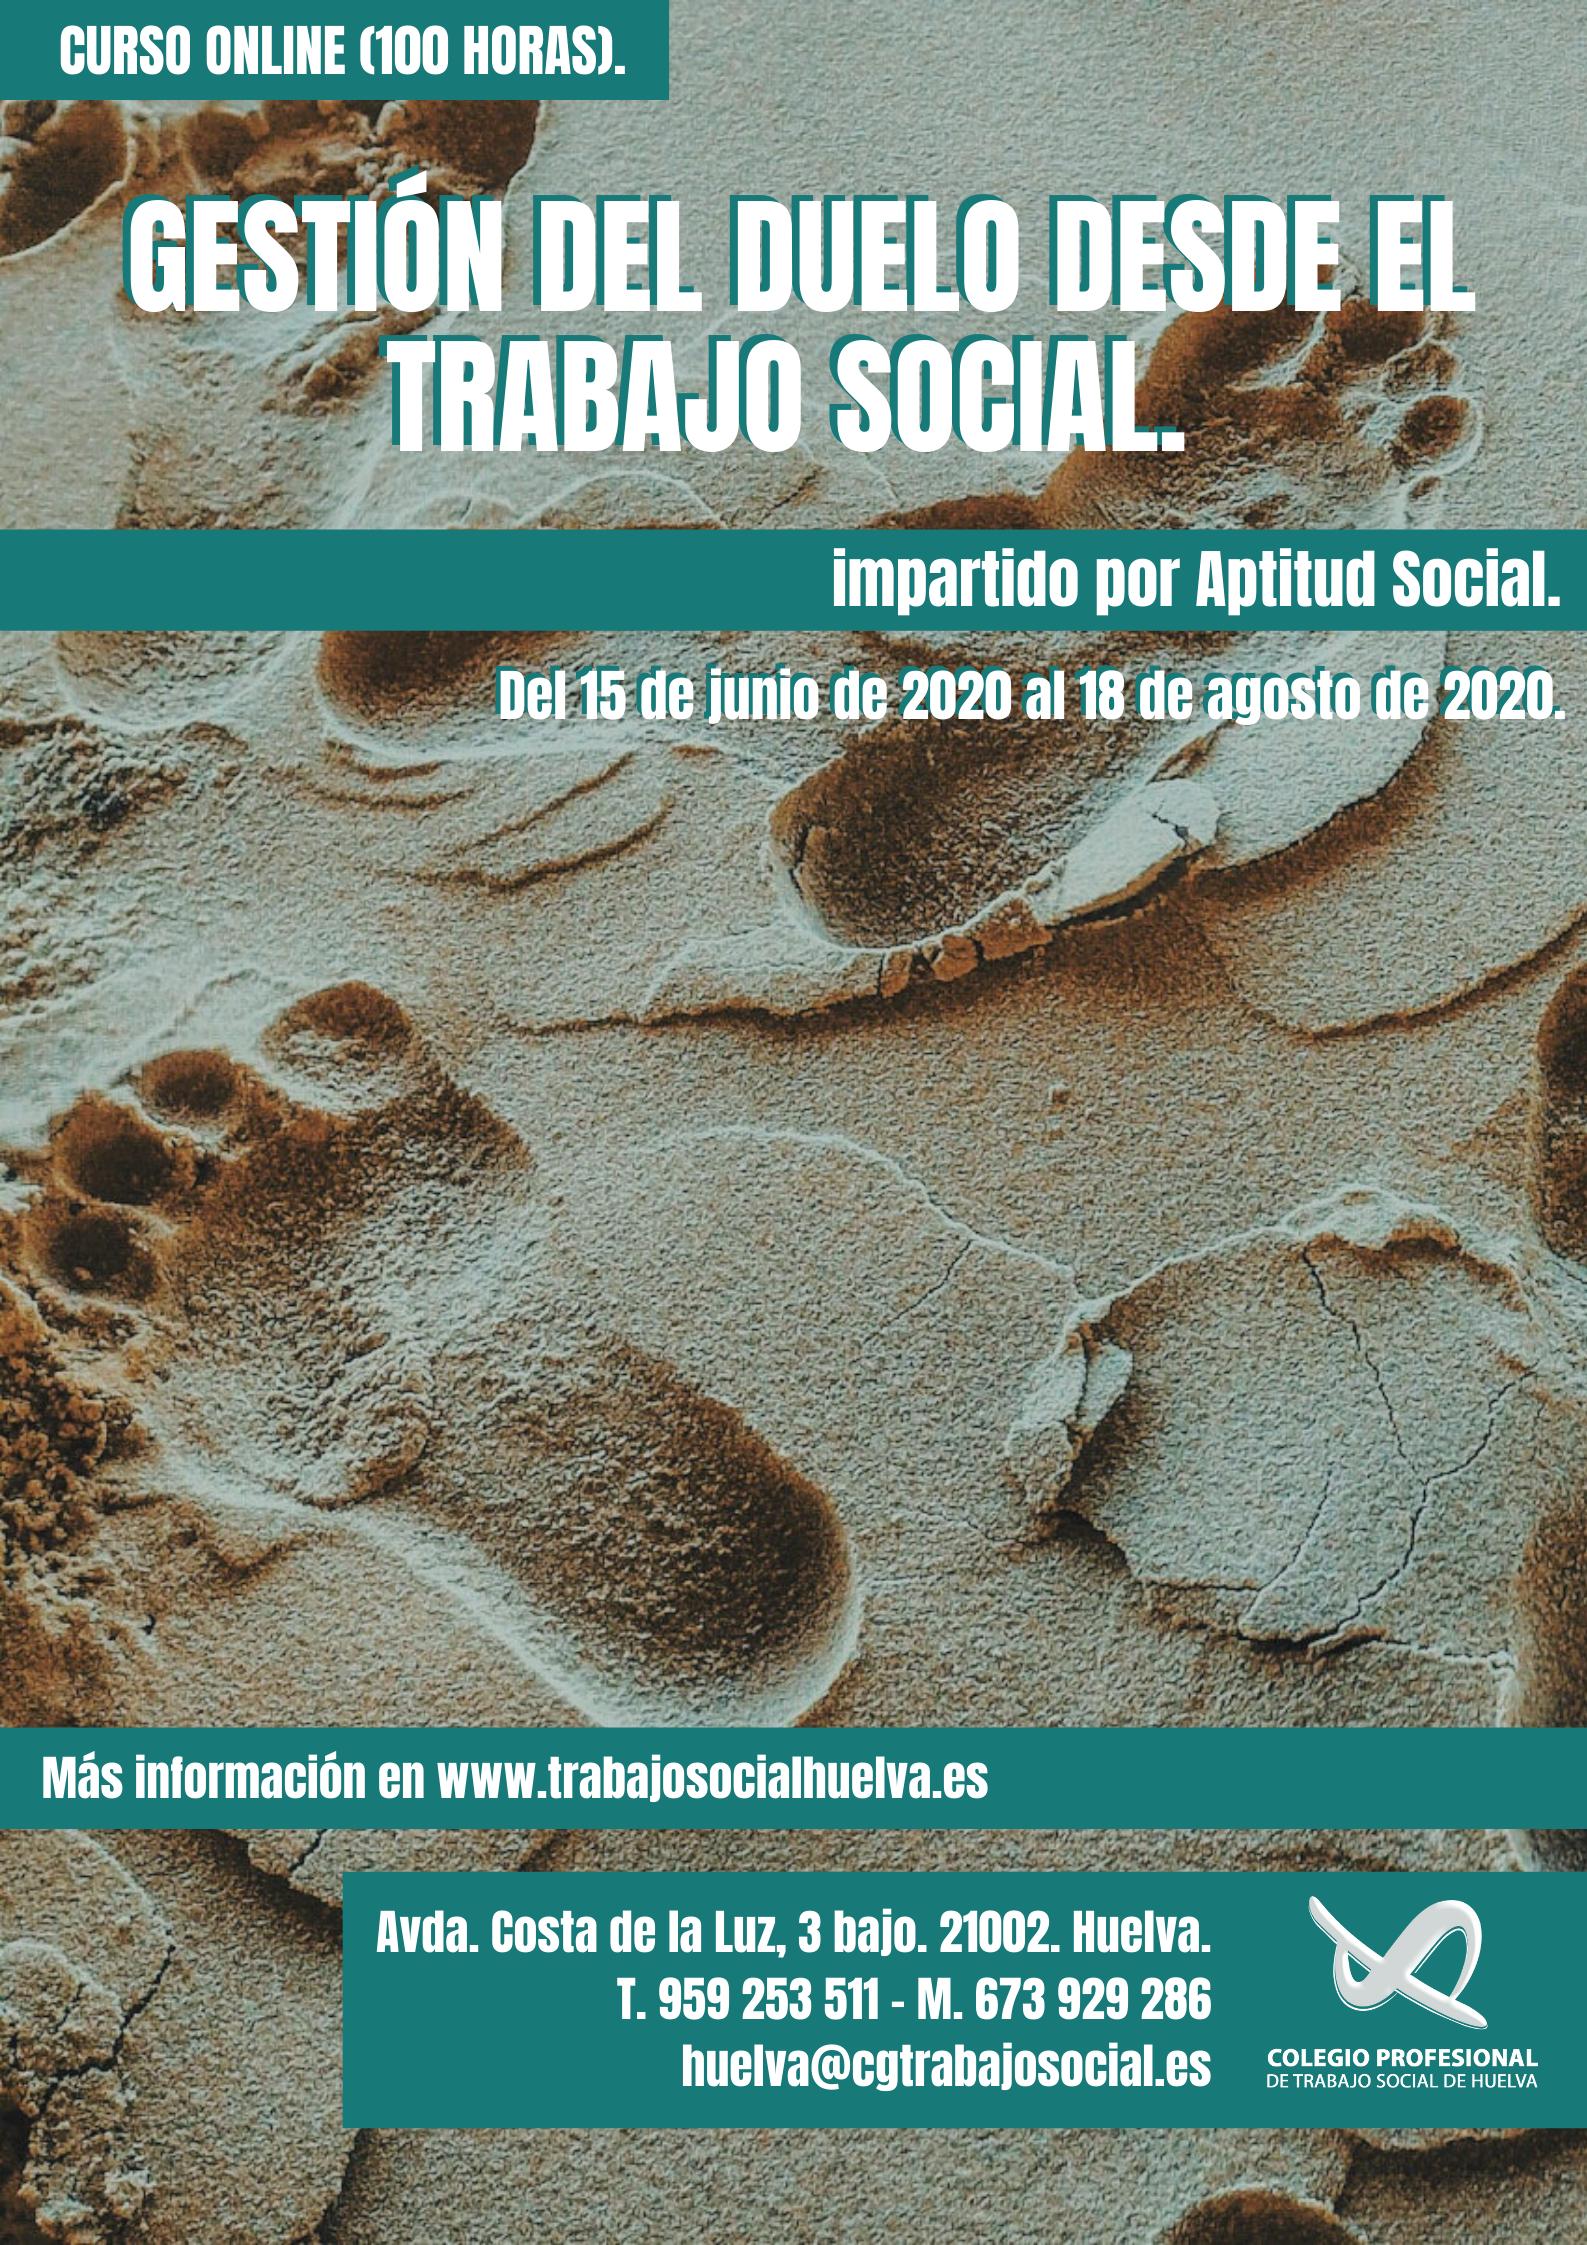 """CURSO ONLINE: """"GESTIÓN DEL DUELO DESDE EL TRABAJO SOCIAL"""" (100 HORAS)"""